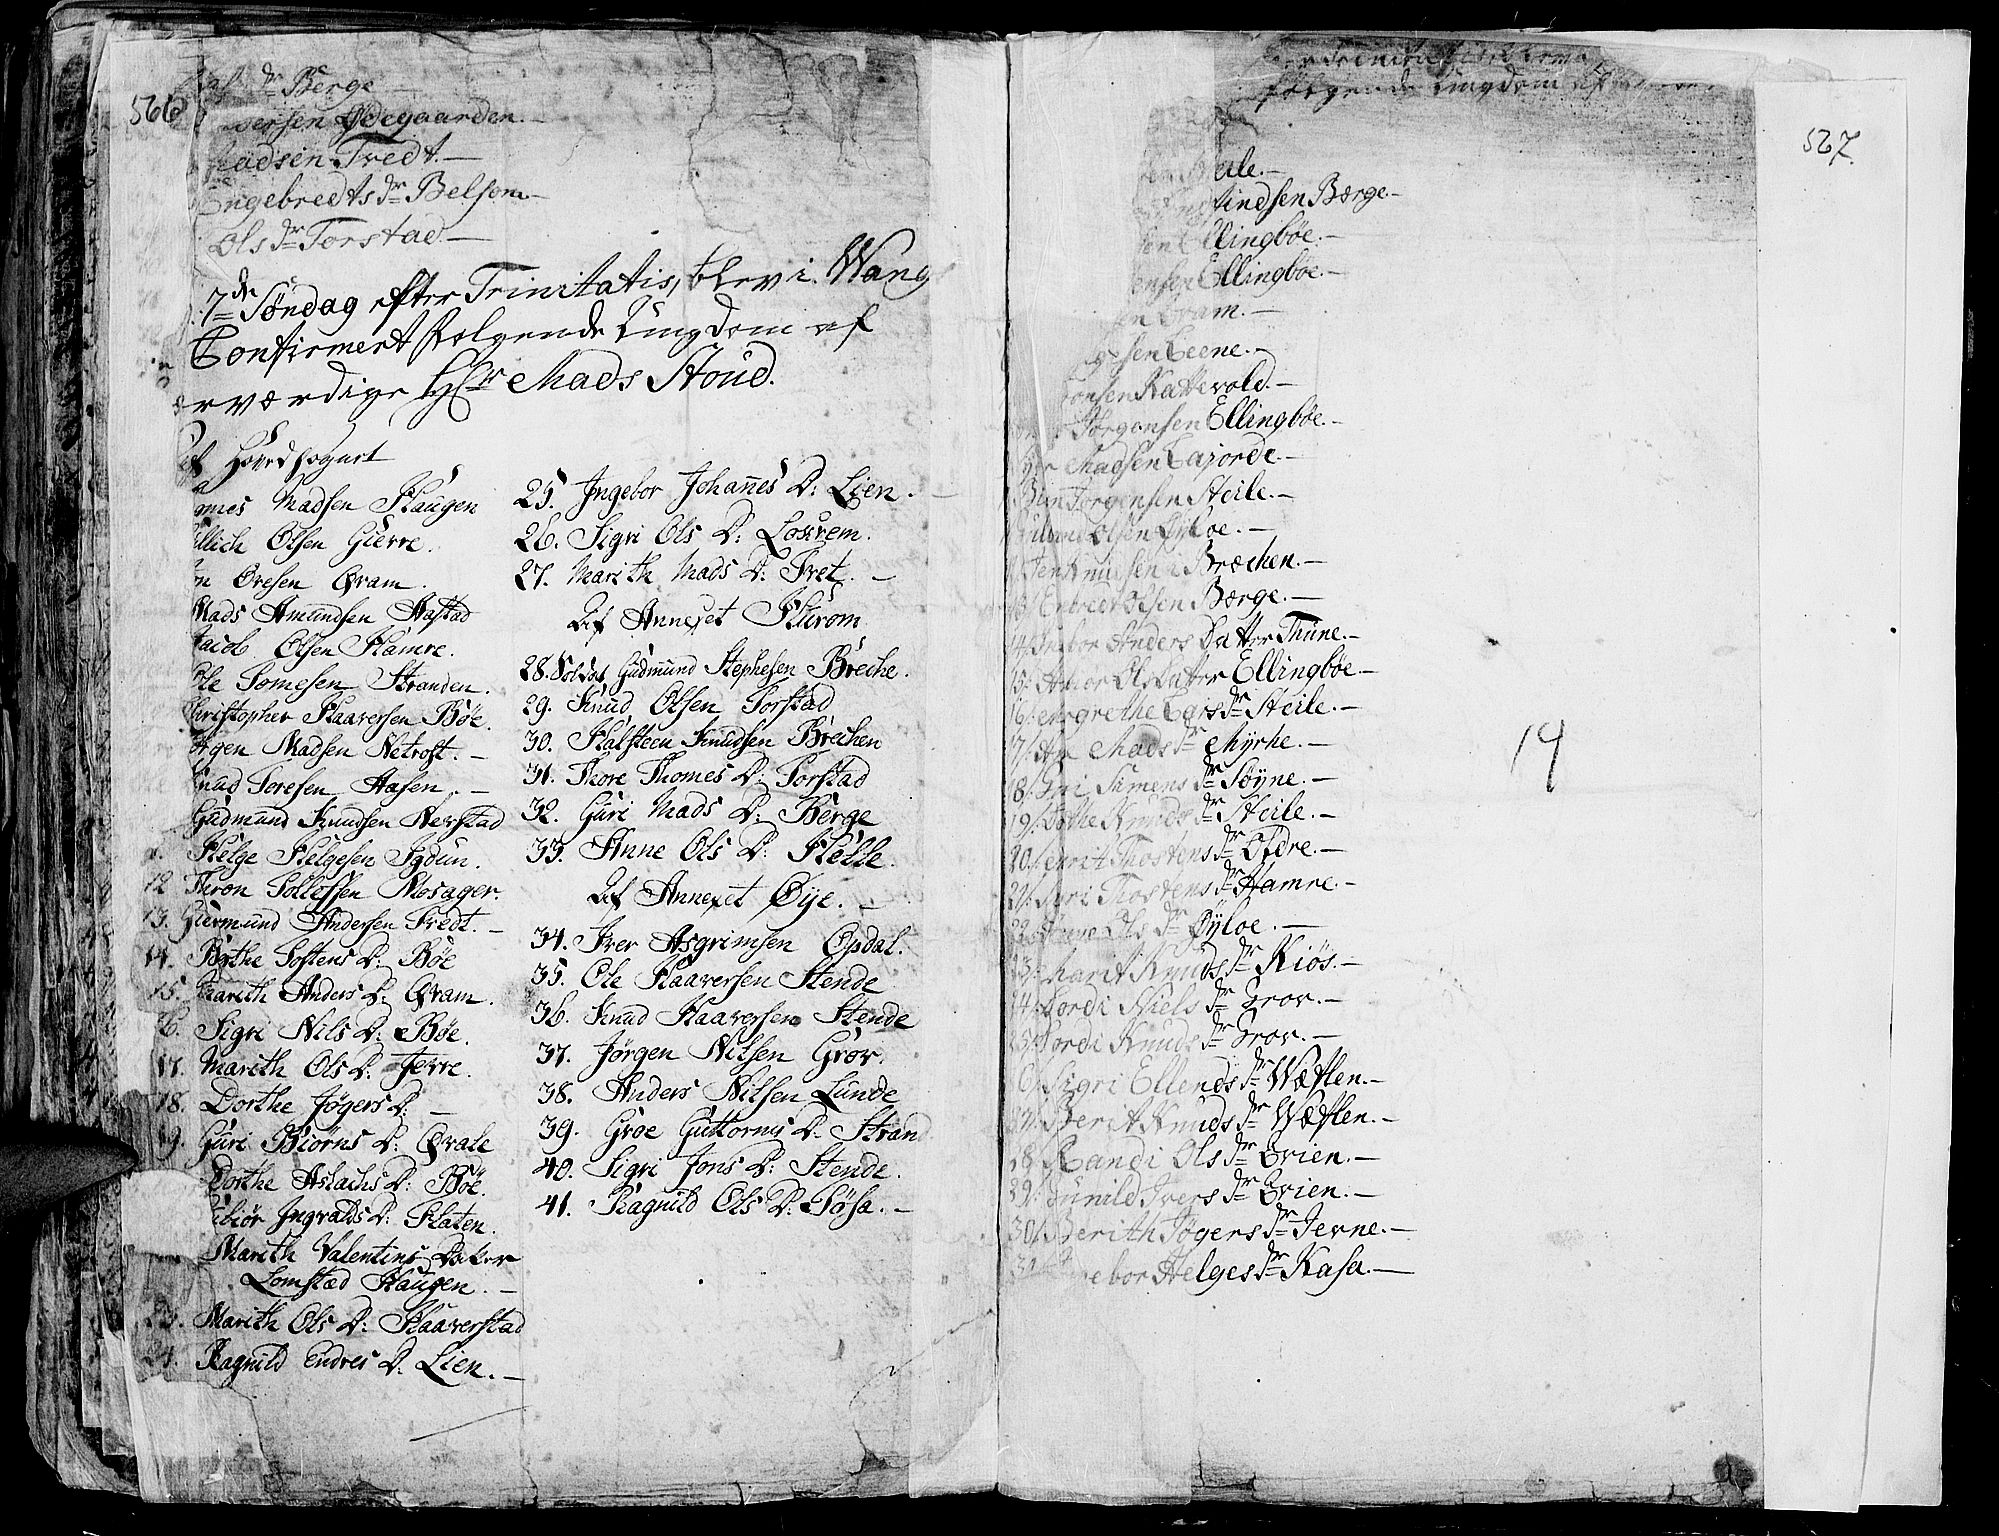 SAH, Vang prestekontor, Valdres, Ministerialbok nr. 1, 1730-1796, s. 566-567